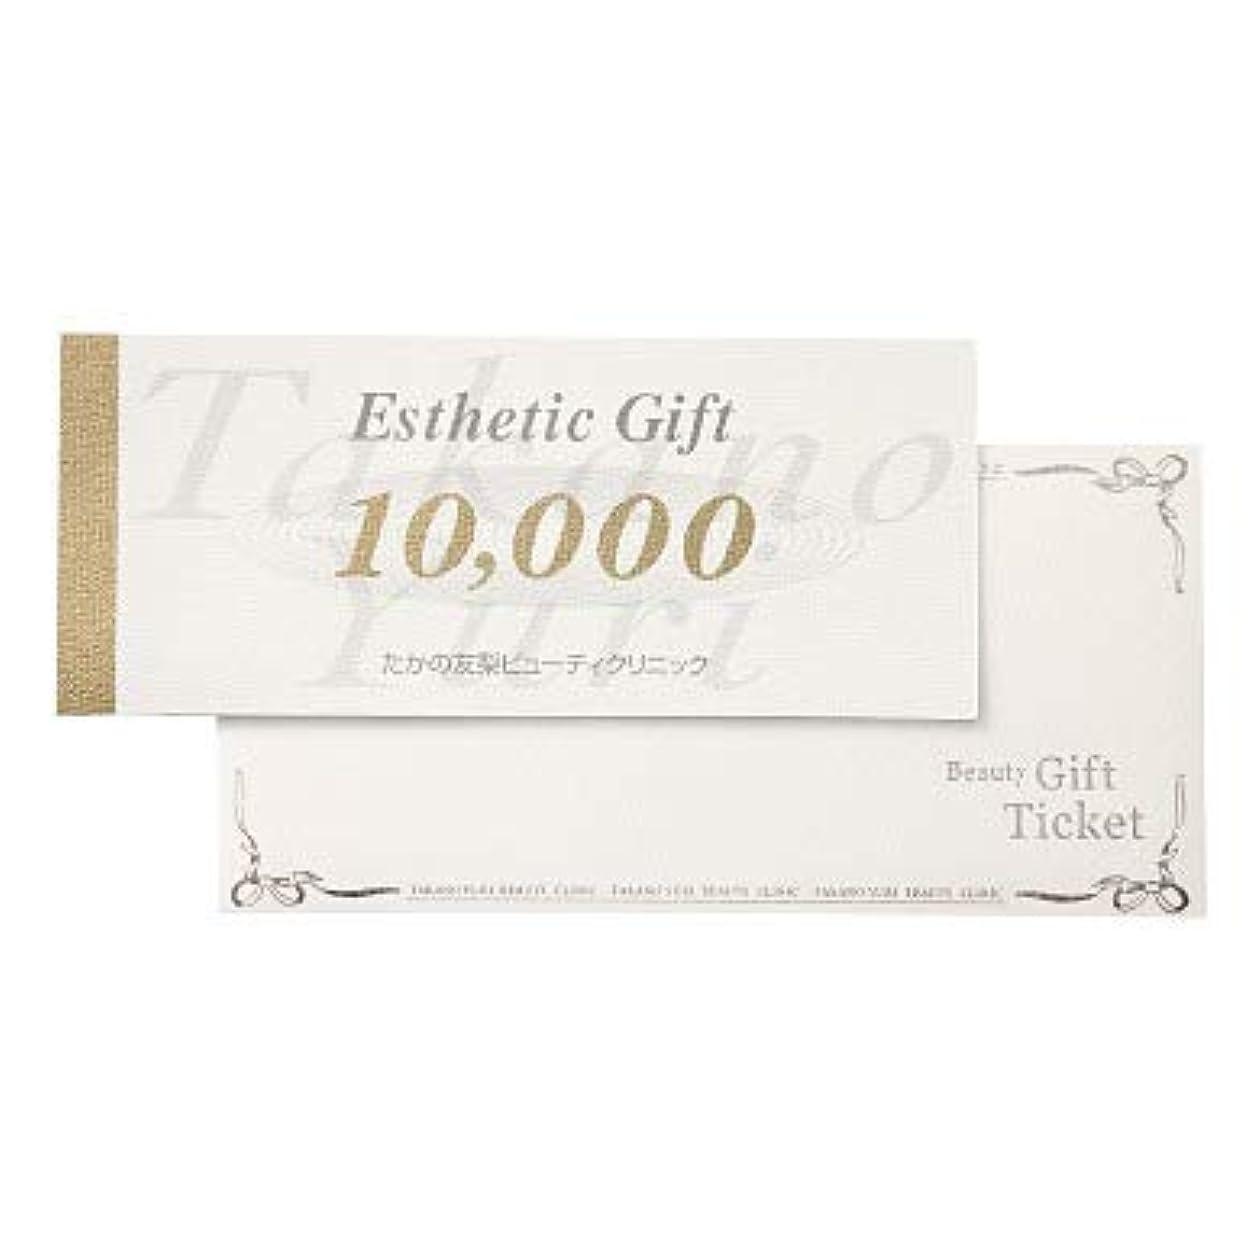 昆虫を見る召集するすごい10,000円エステティックギフトチケット